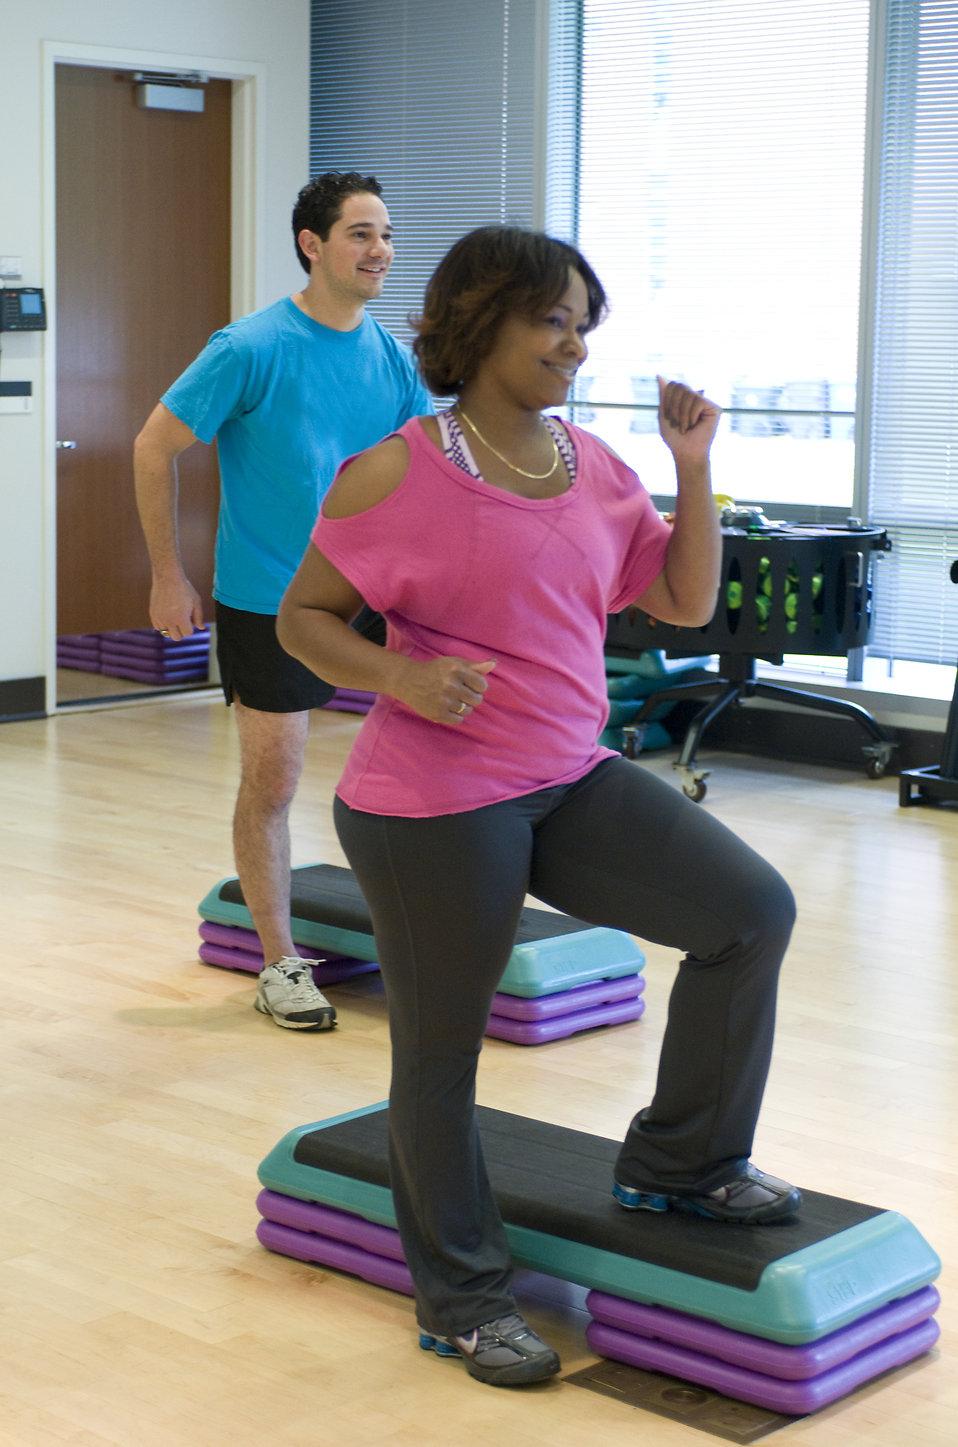 mujer, ejercicio, fitness, salud, entrenamiento